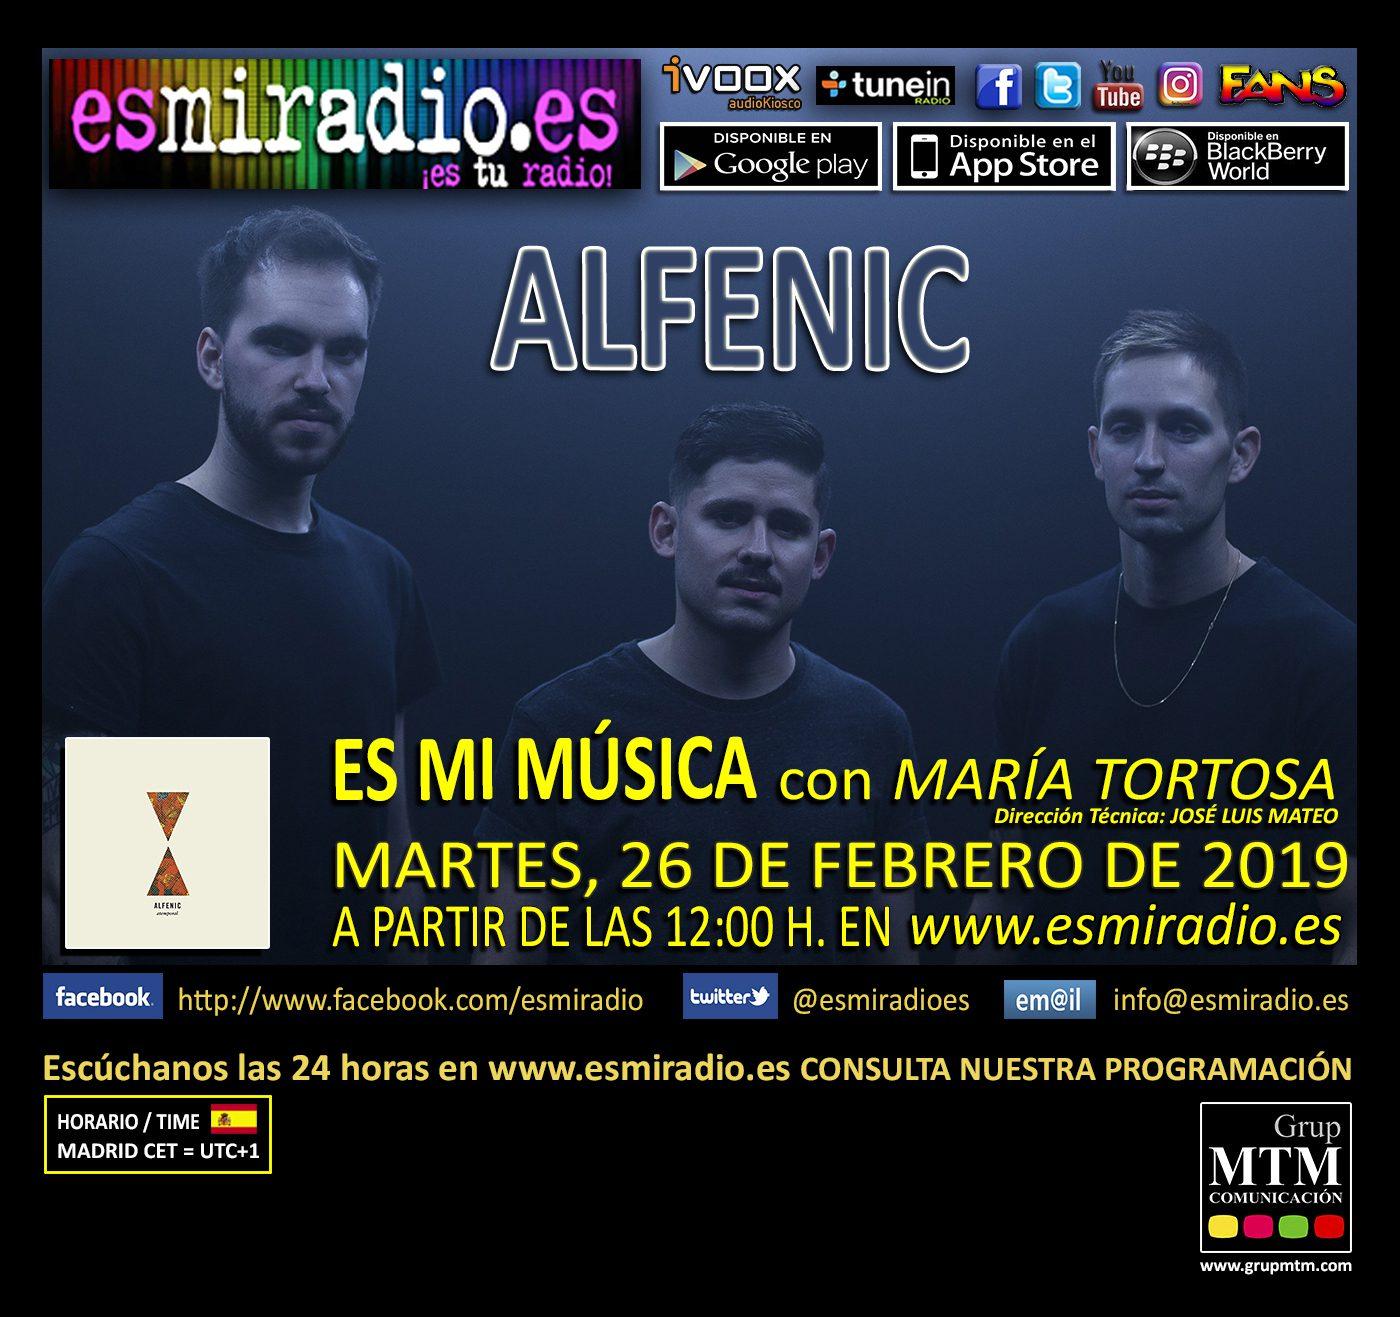 Alfenic en esmiradio.es el Martes, 26 de Febrero de 2019